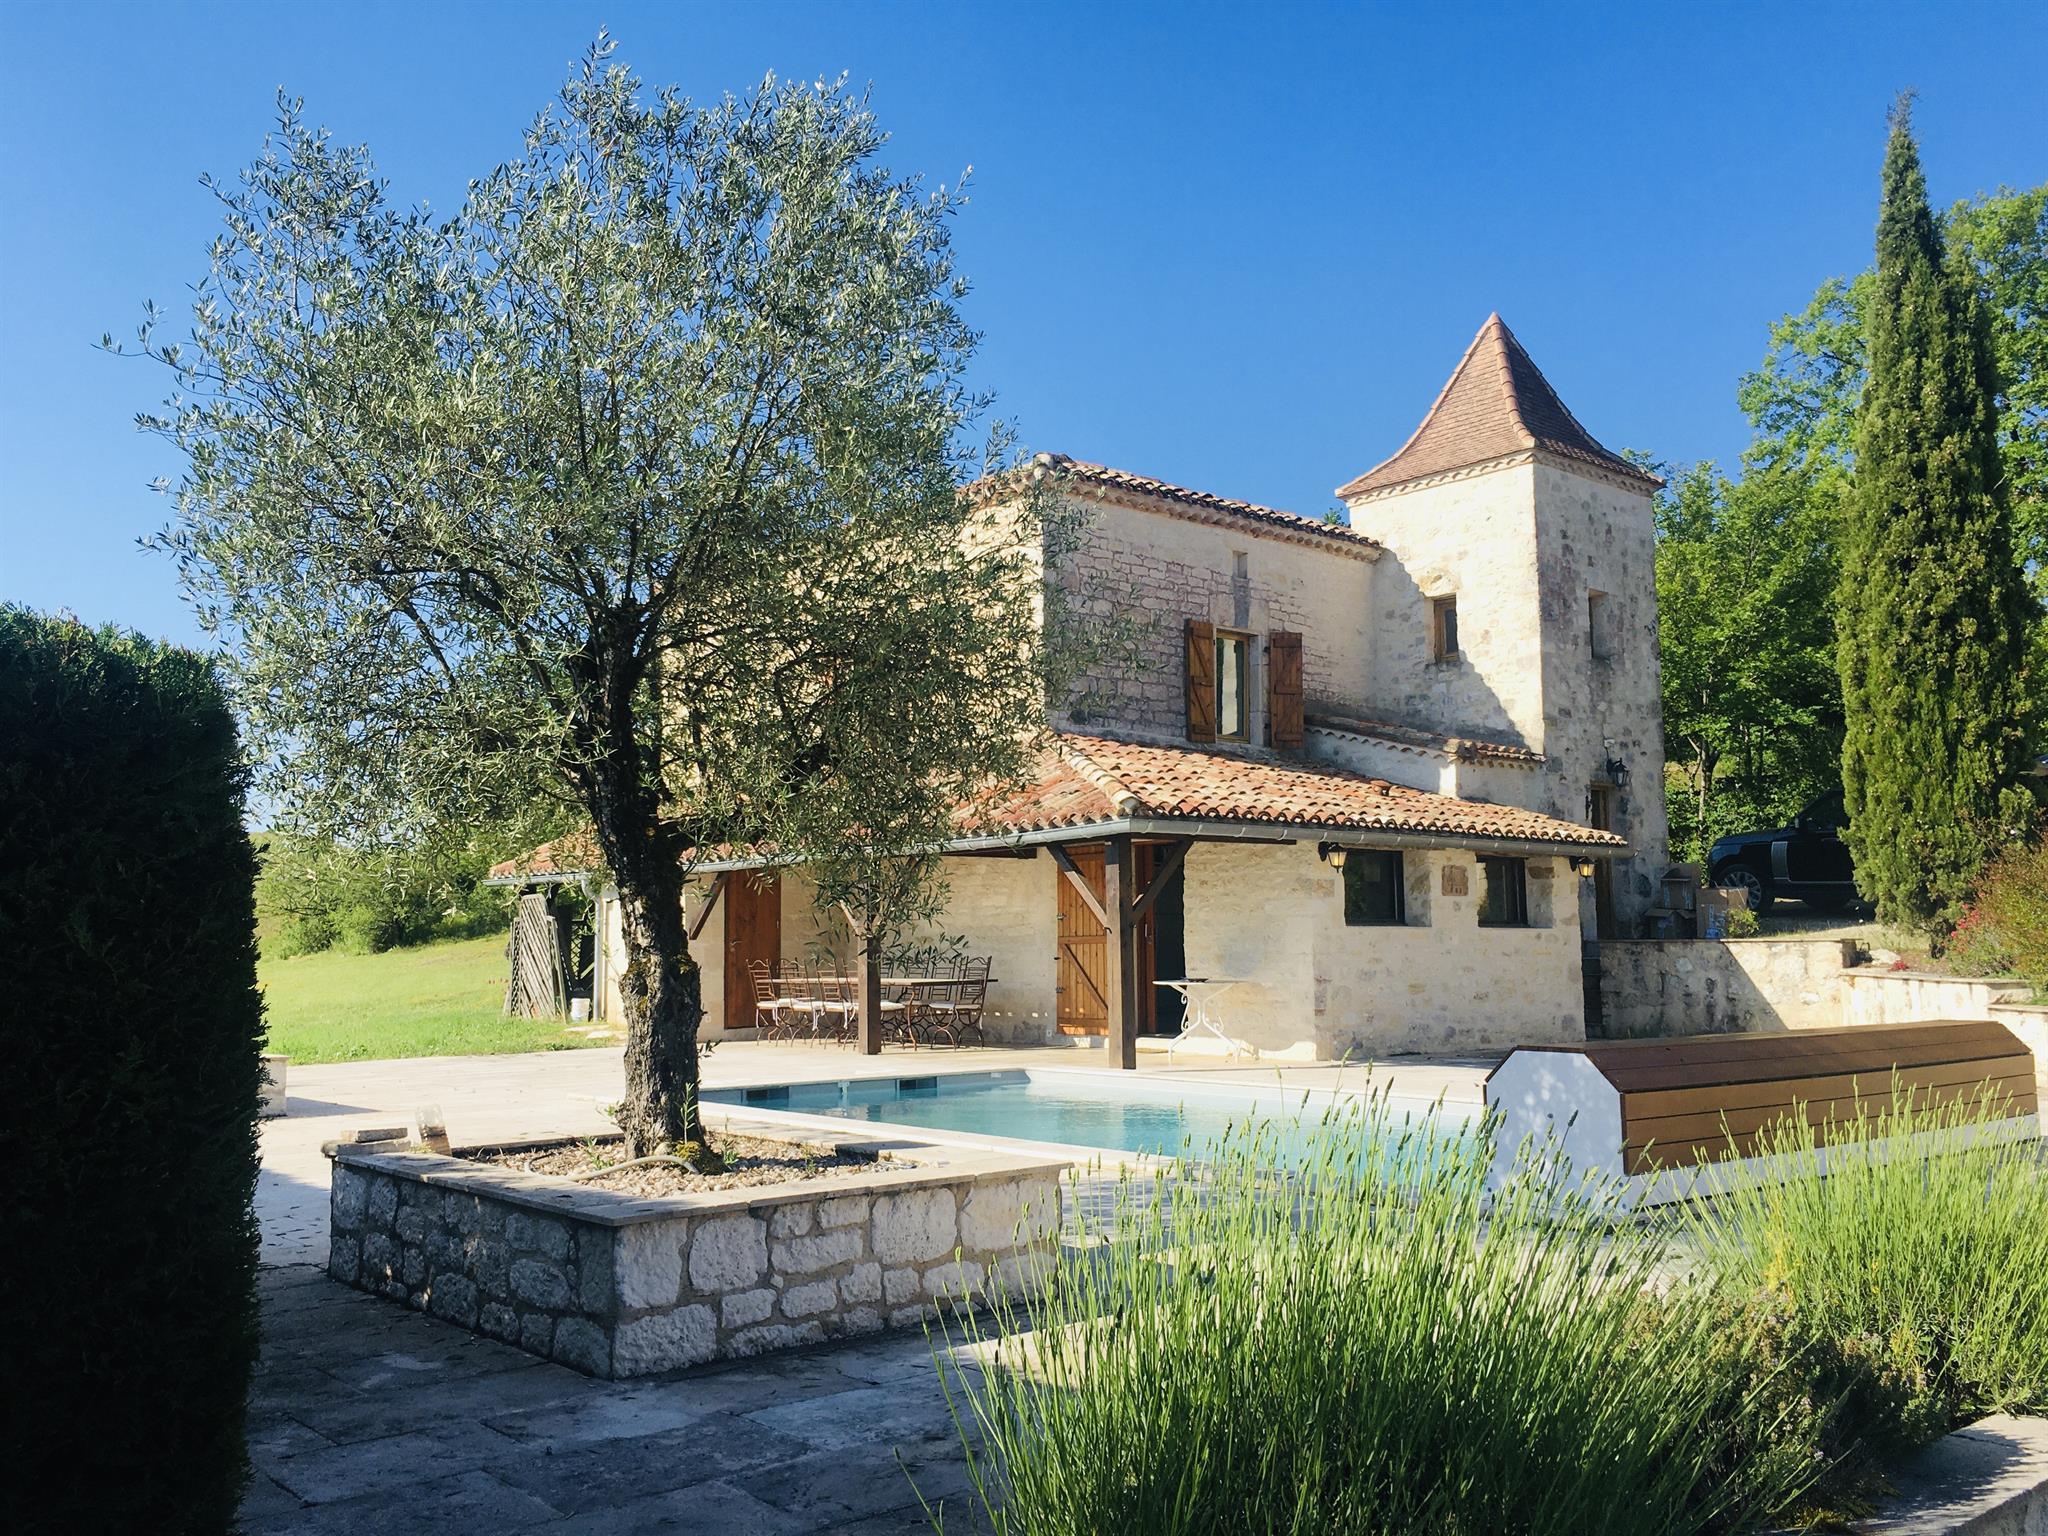 Cabosse Ferienhaus, Dusche und Badewanne, 2 Schlaf Ferienhaus in Frankreich